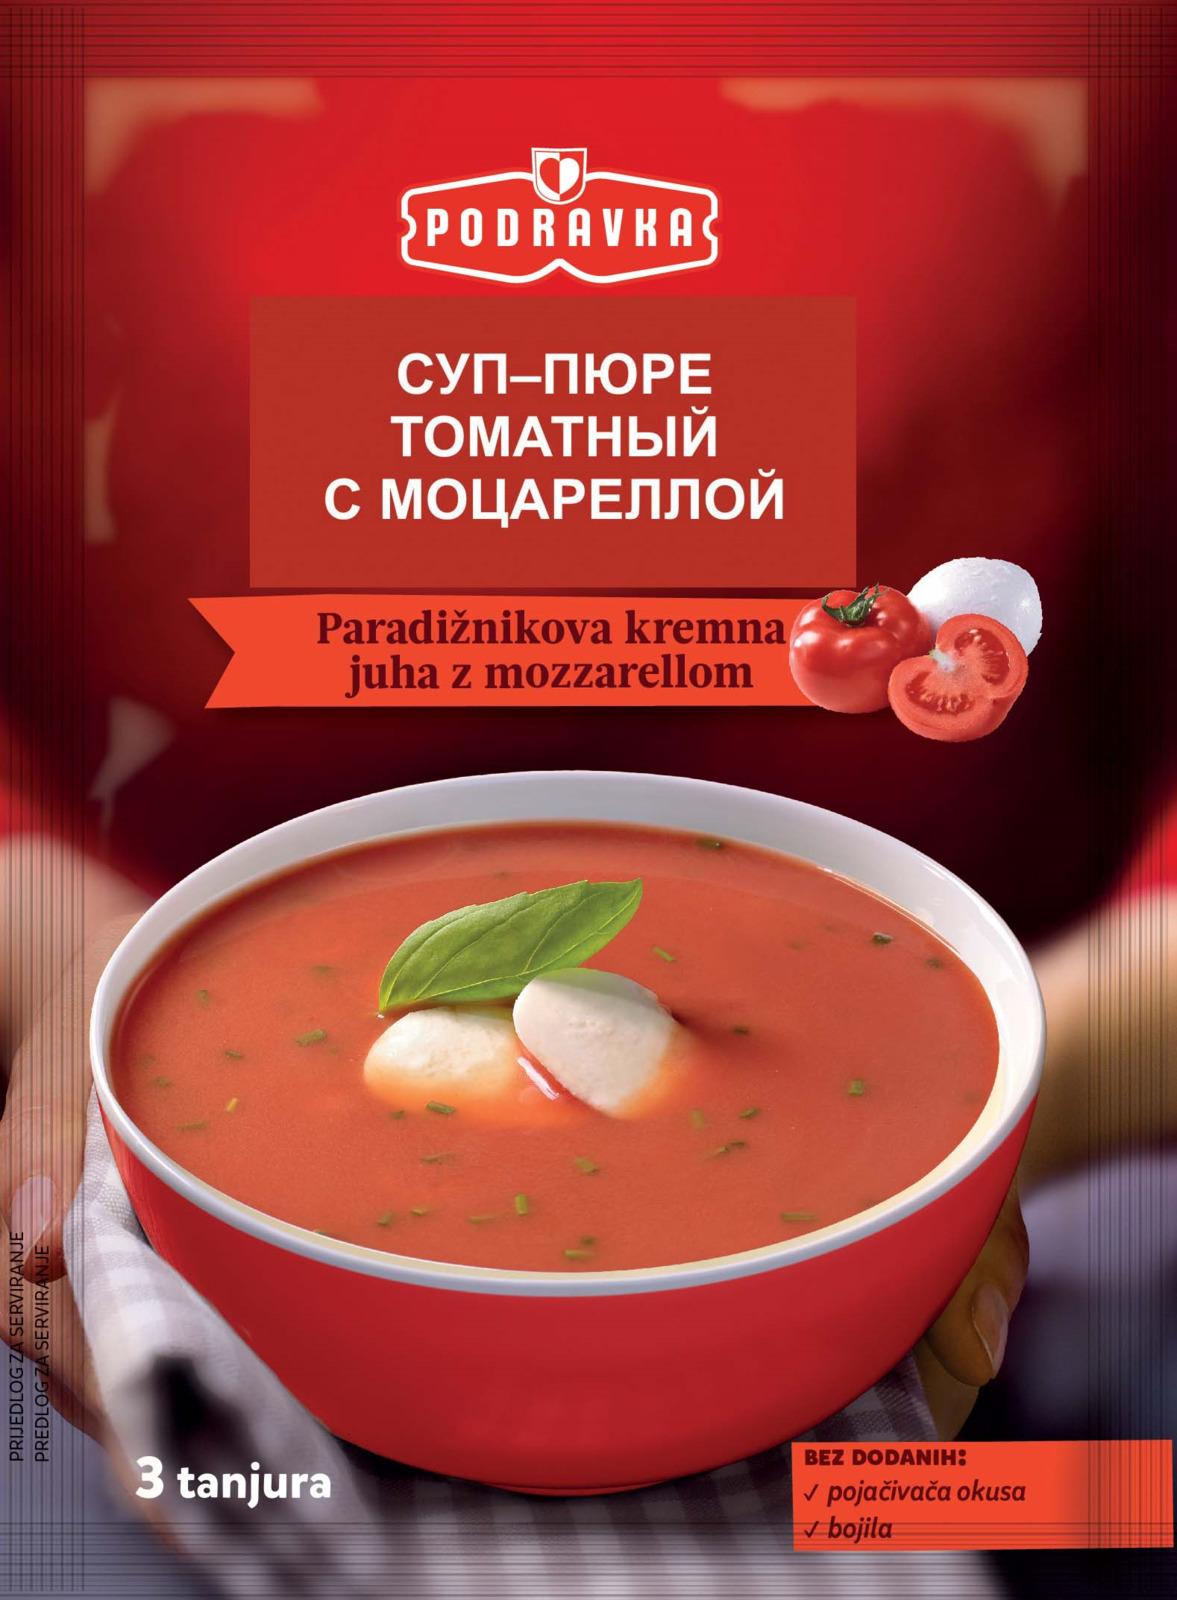 Podravka Cуп-пюре томатный с моцареллой, 80 г пюре podravka картофельное